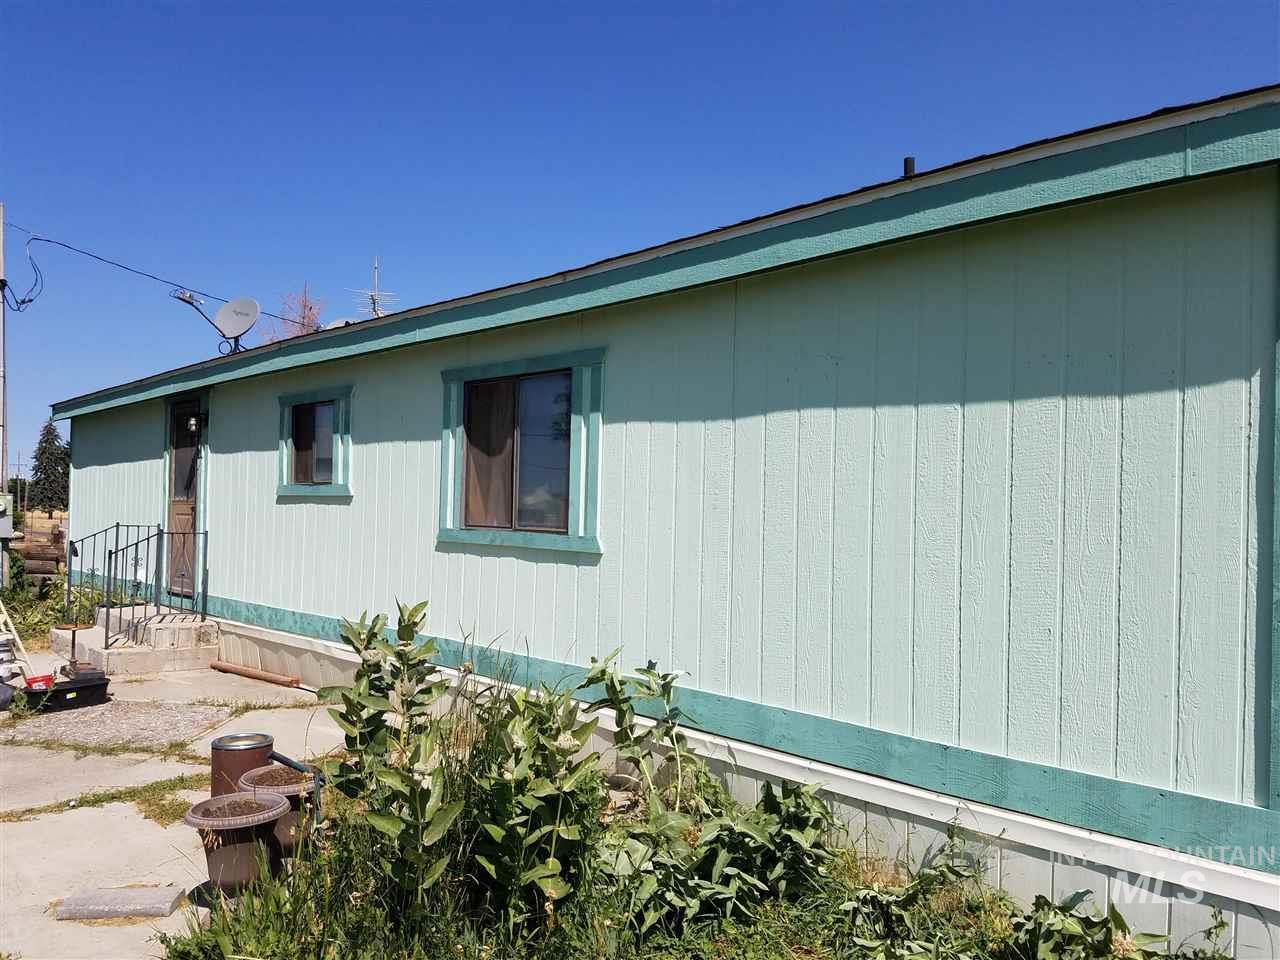 Single Family Home for Sale at 2107 East 900 South 2107 East 900 South Hazelton, Idaho 83301